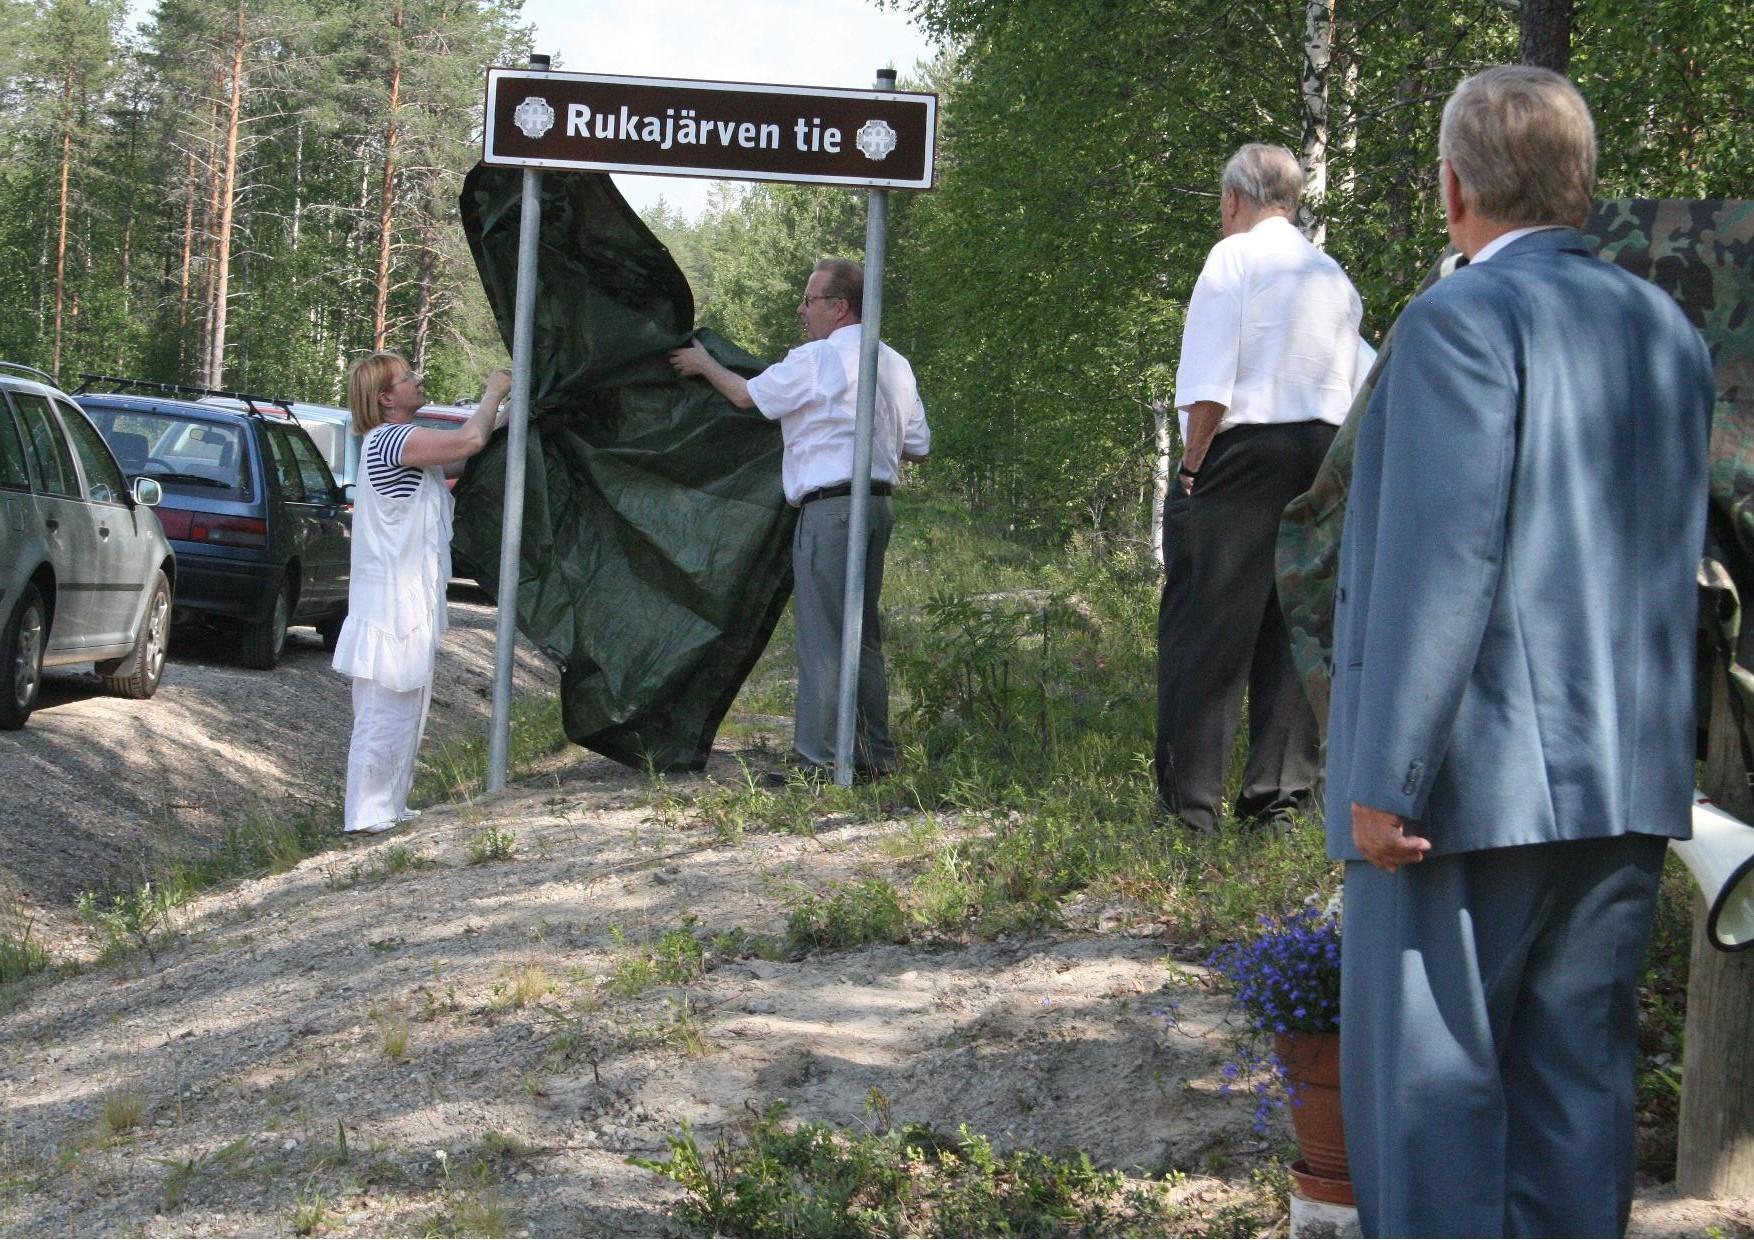 Rukajärven tie nimettiin Jukolan Motissa 2.7.2011 pidetyssä juhlassa. Rukajärven tien viitan paljastivat Lieksan kaupunginhallituksen puheenjohtaja Maija.Liisa Riikonen ja kaupunginjohtaja Esko Lehto.